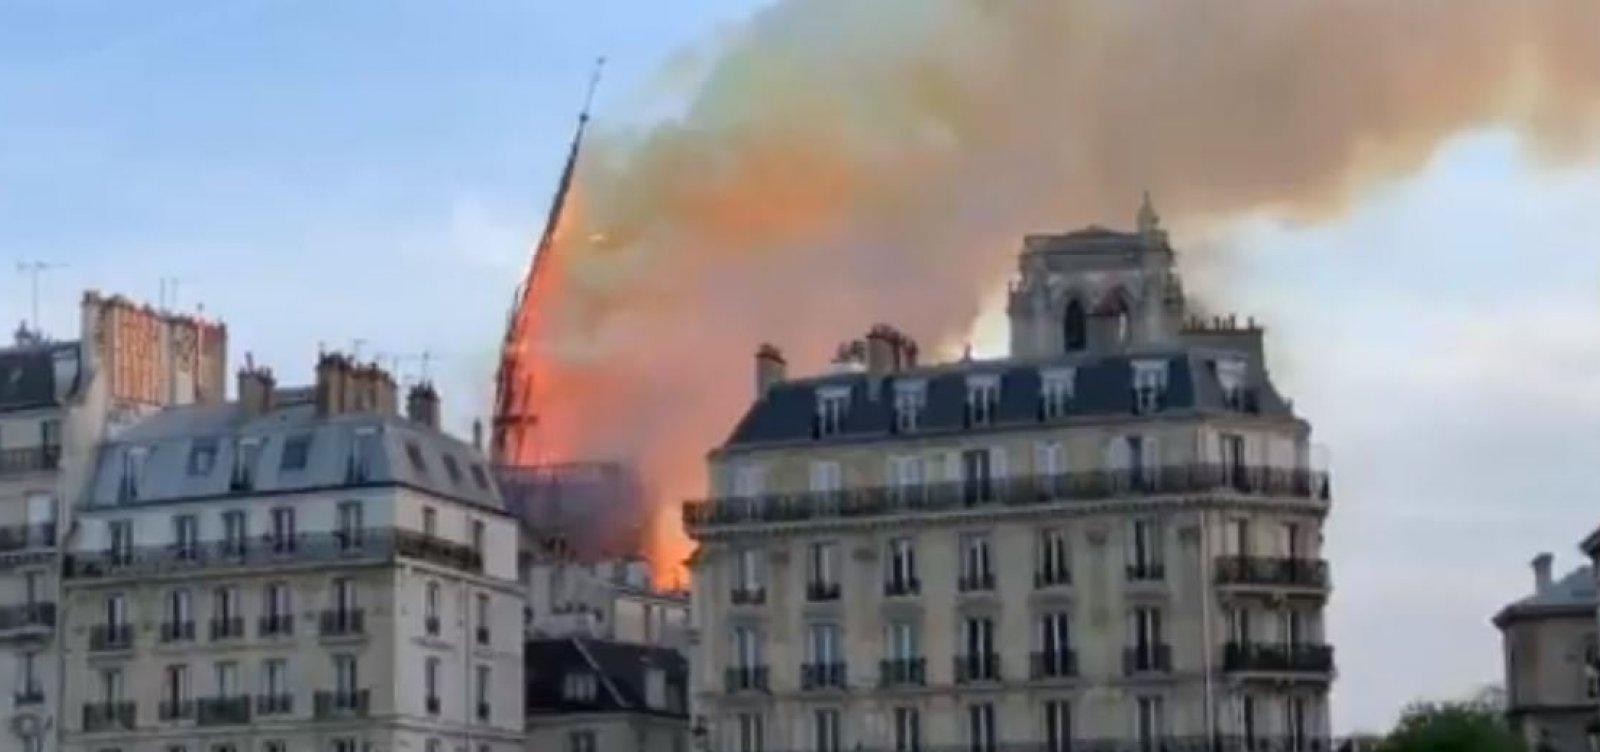 Museu Nacional se solidariza com franceses após incêndio em Notre-Dame